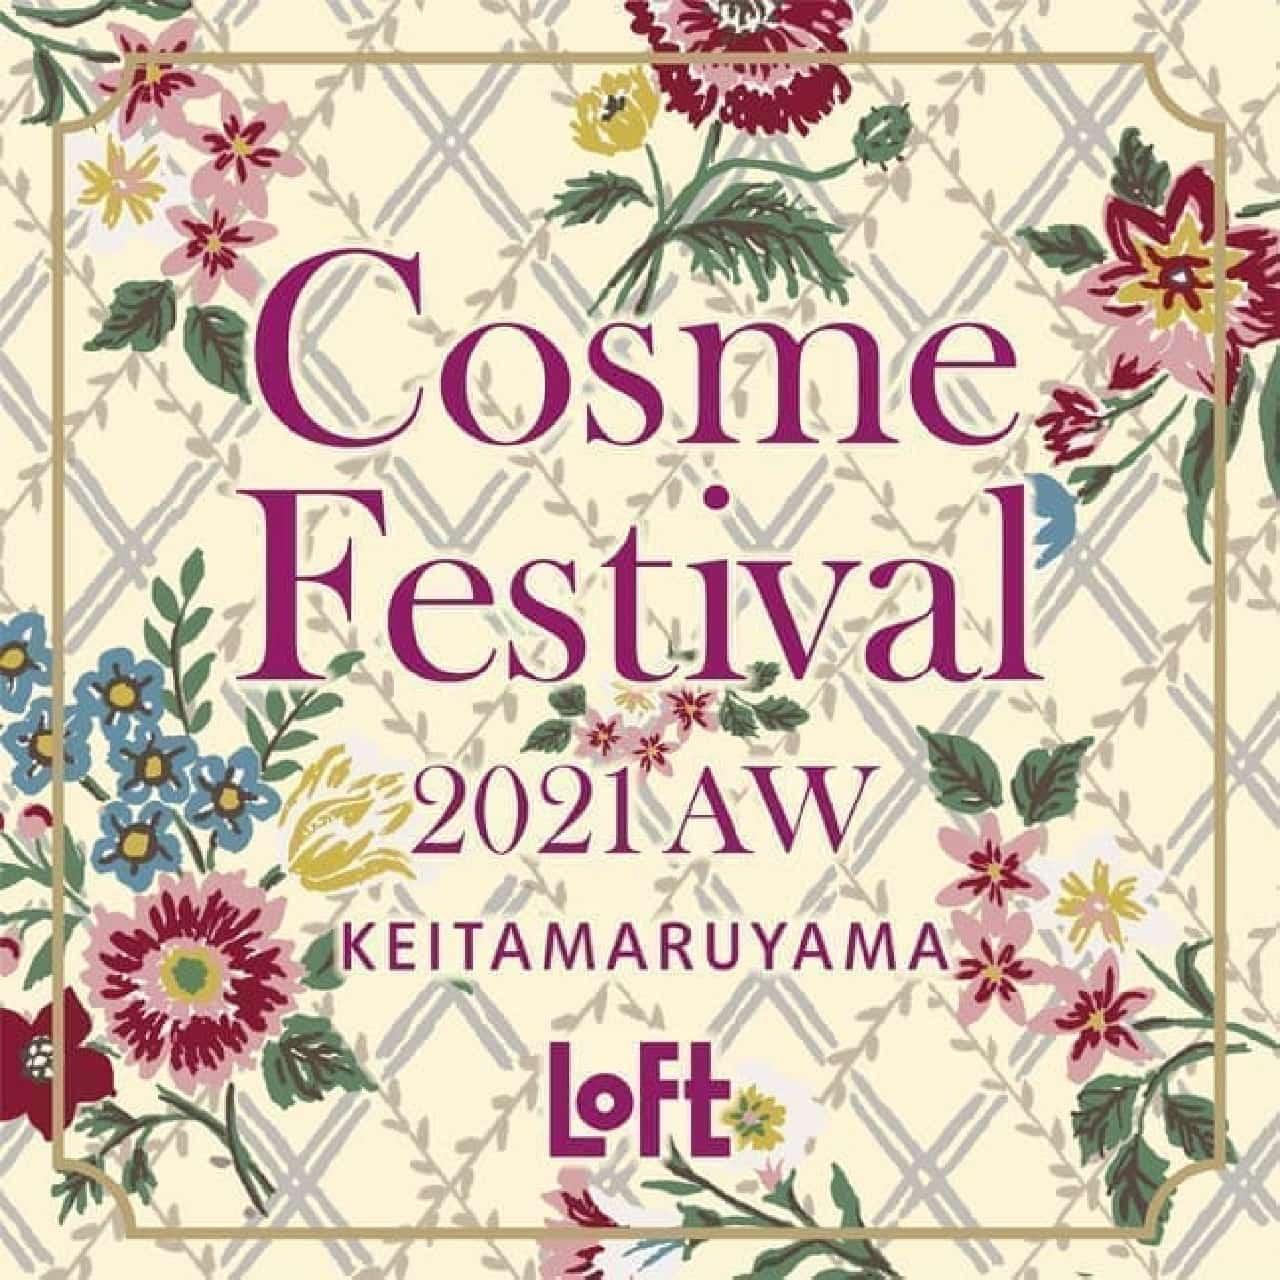 ロフト「コスメフェスティバル2021AW」